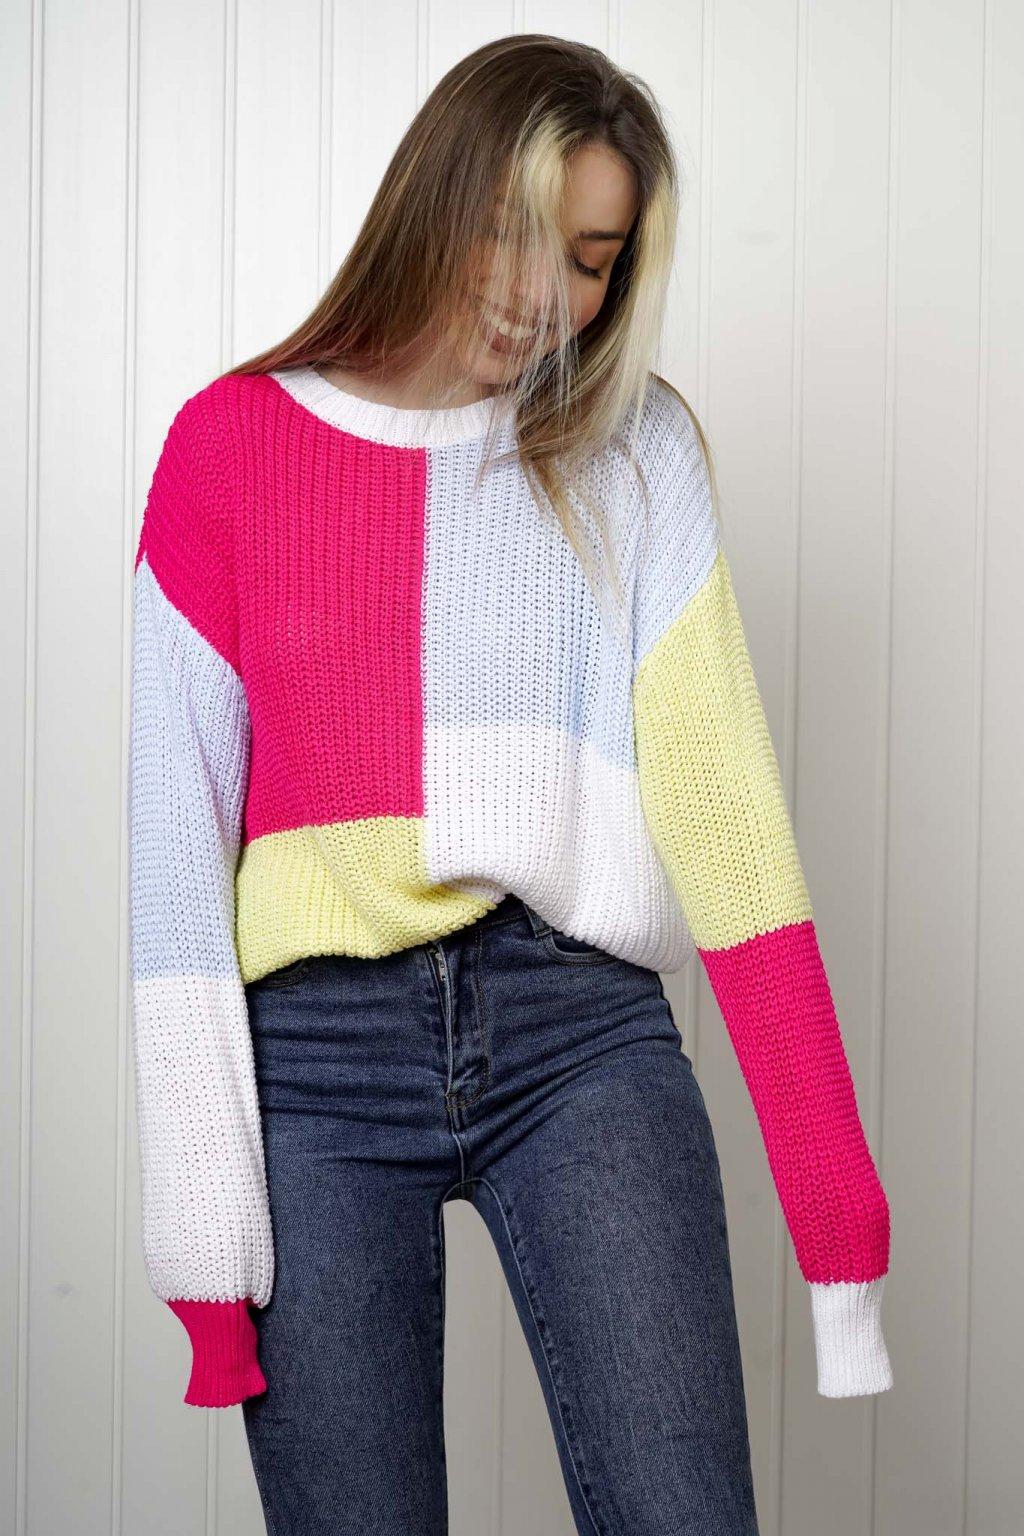 sveter, svetrík, sveter dámsky, úplet, úpletový sveter, jednoduchý sveter, v výstríh, štýlový, chlpatý,vzorovaný, srdiečkový, čierny, biely, farebný, 068